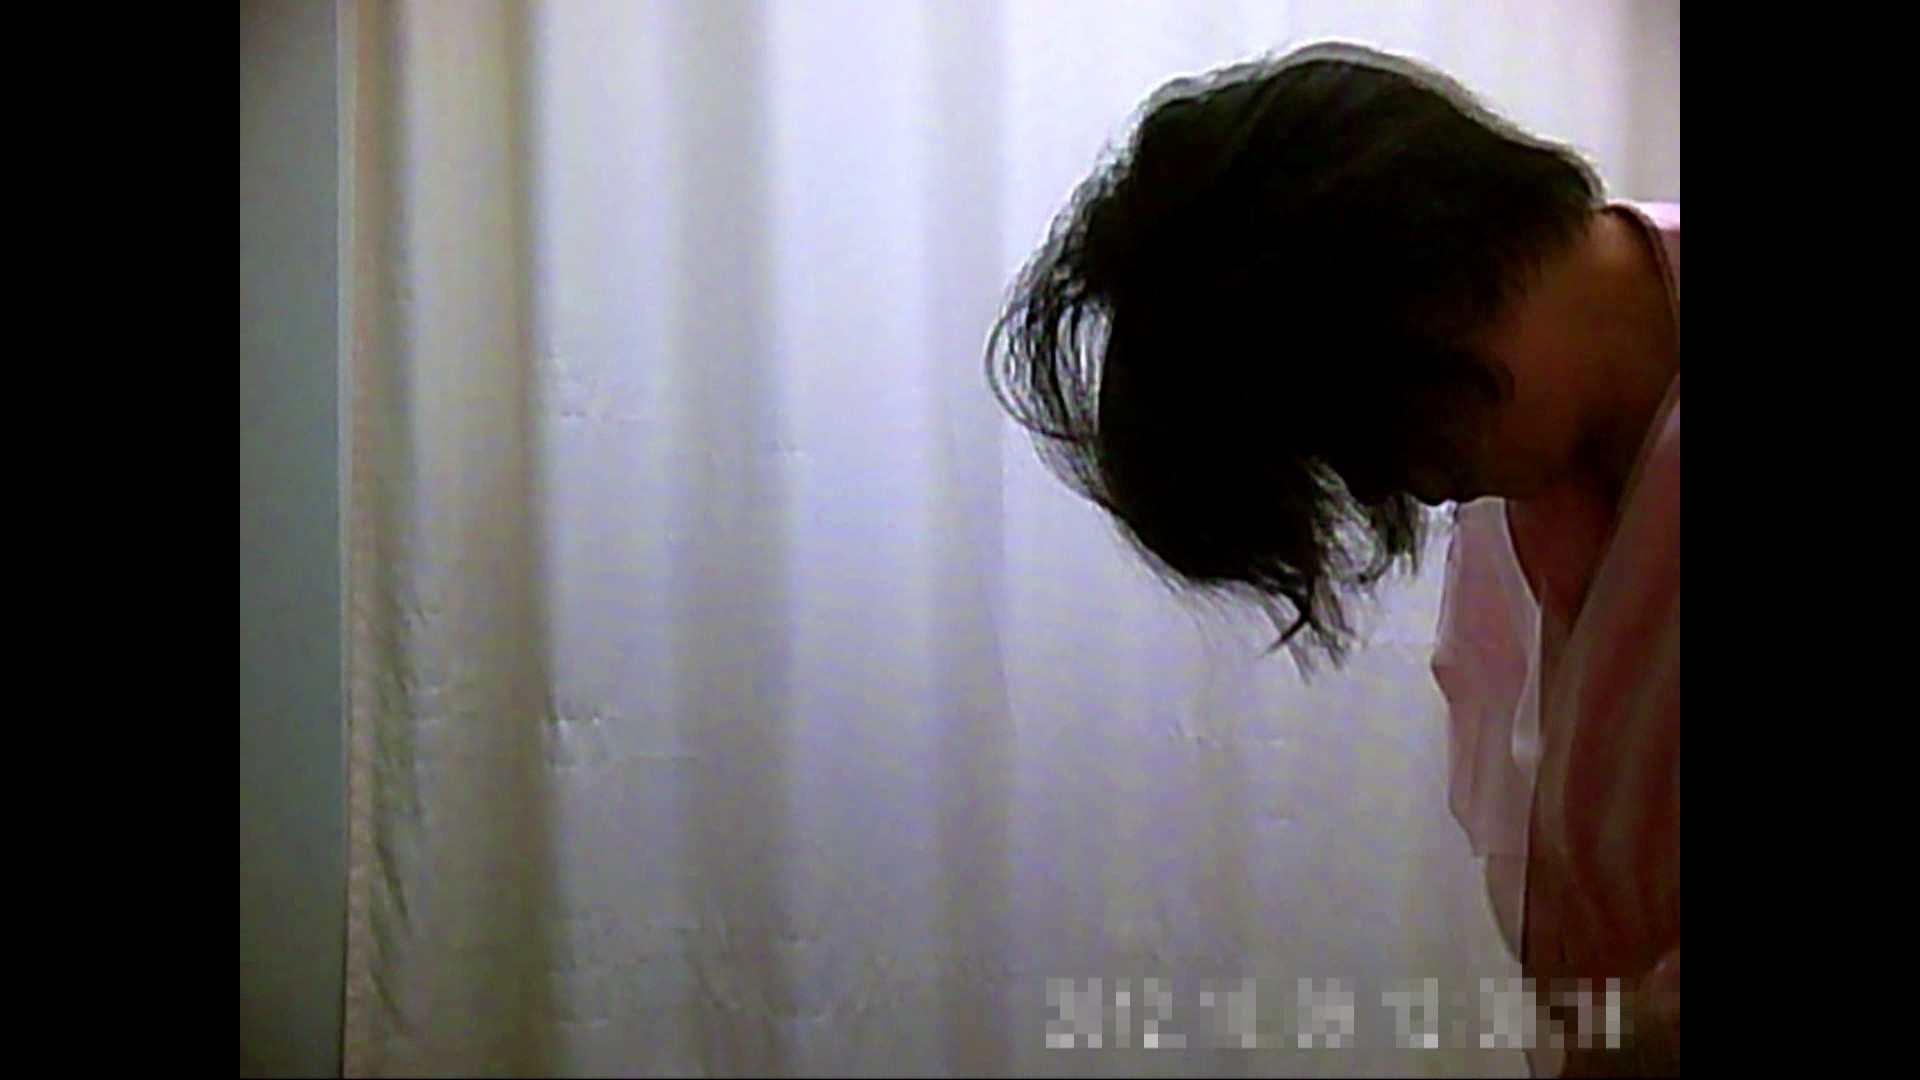 病院おもいっきり着替え! vol.230 貧乳 盗み撮り動画キャプチャ 81PIX 13